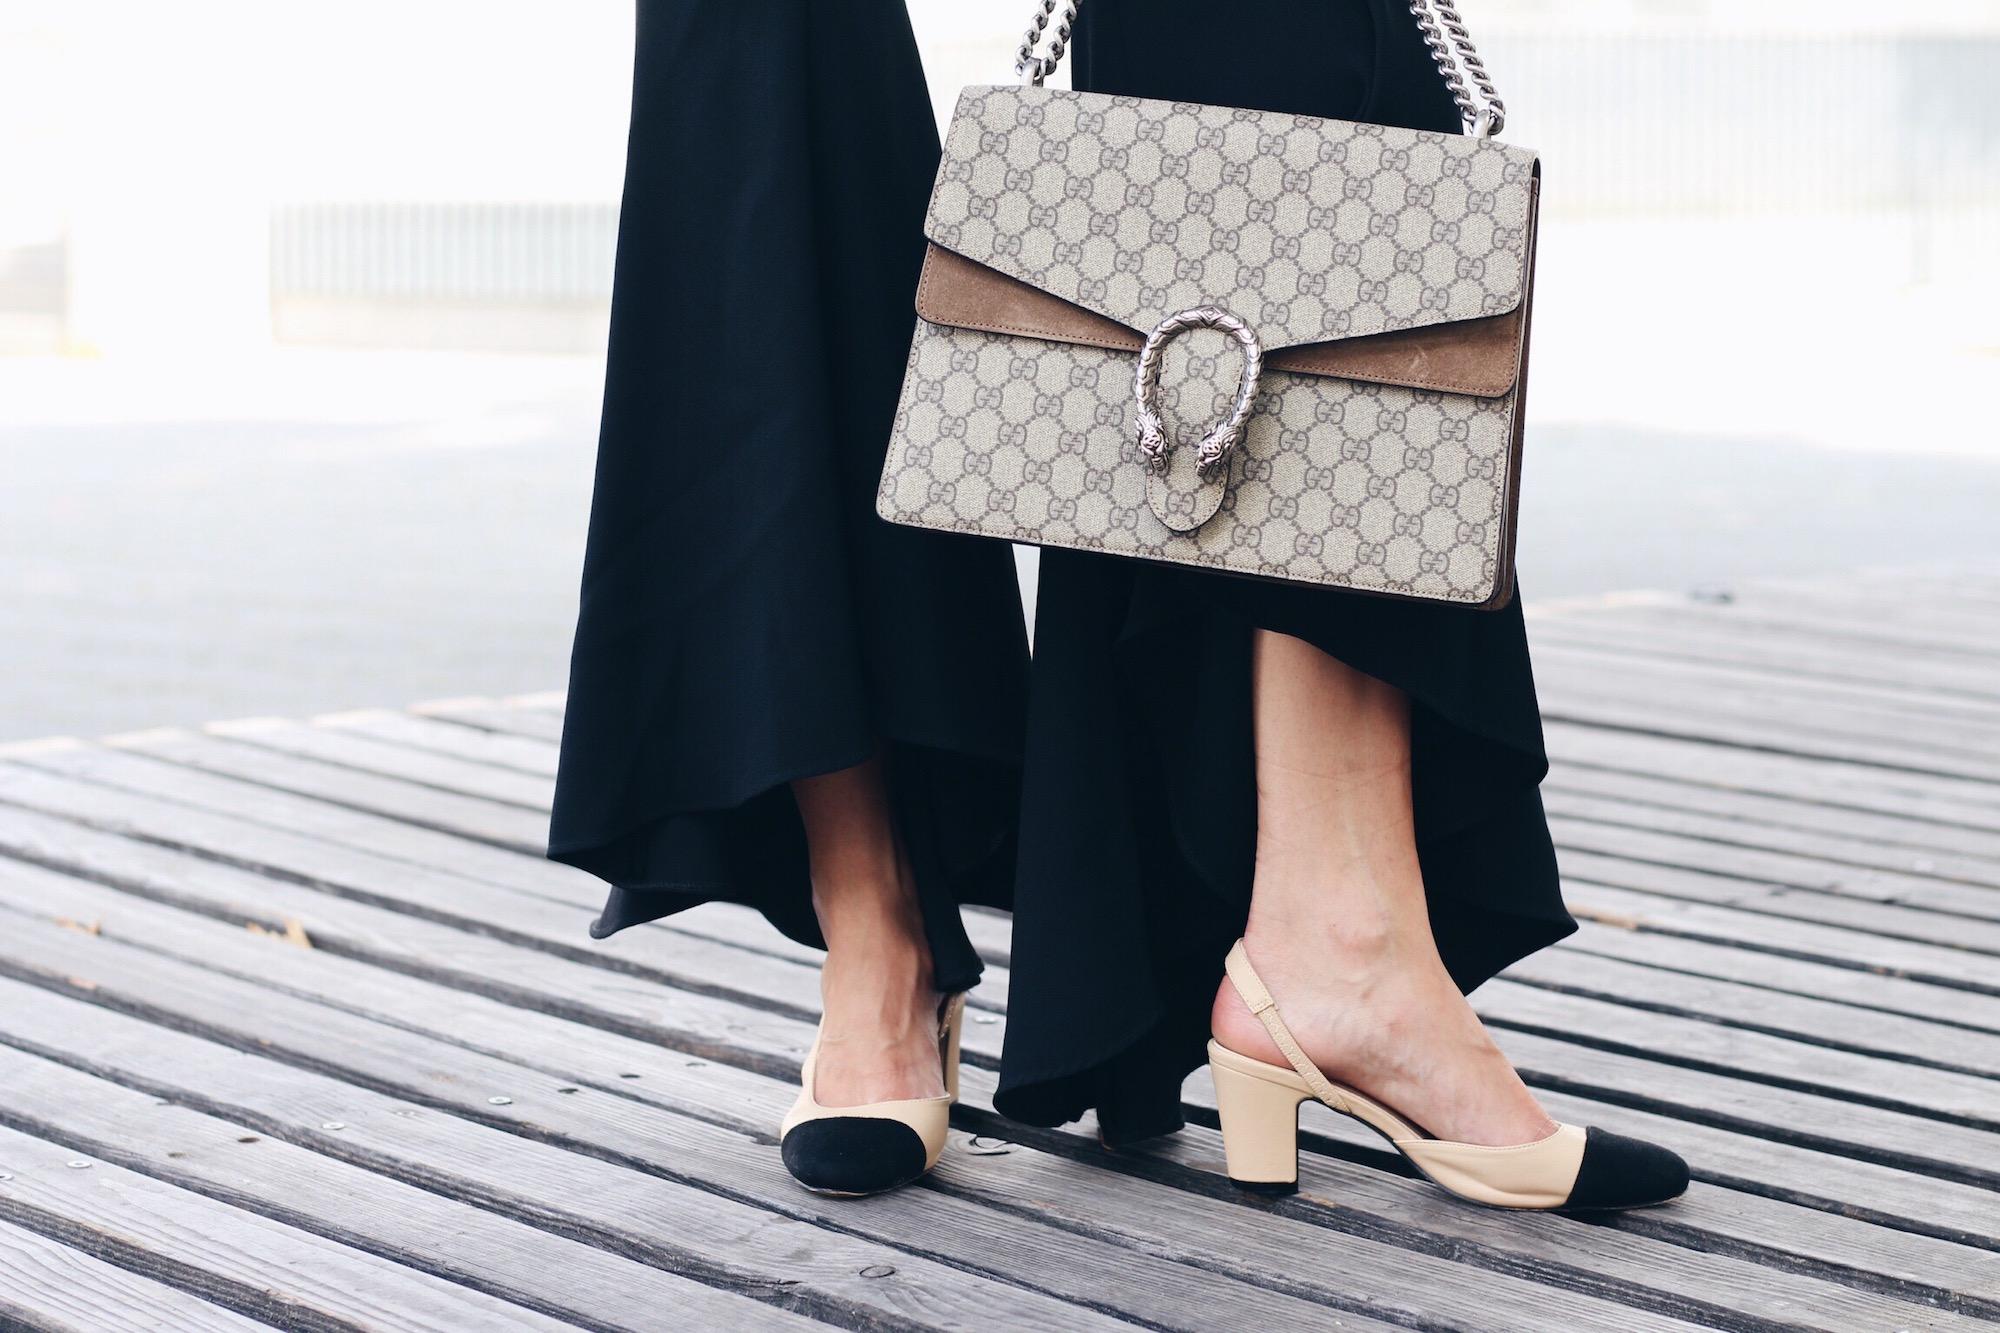 Schlaghose mit Volants von Zara, Gucci Dionysus Bag Céline Sonnenbrille Chanel Look Alike Two Tone Slingback Pumps für meinen Modeblog